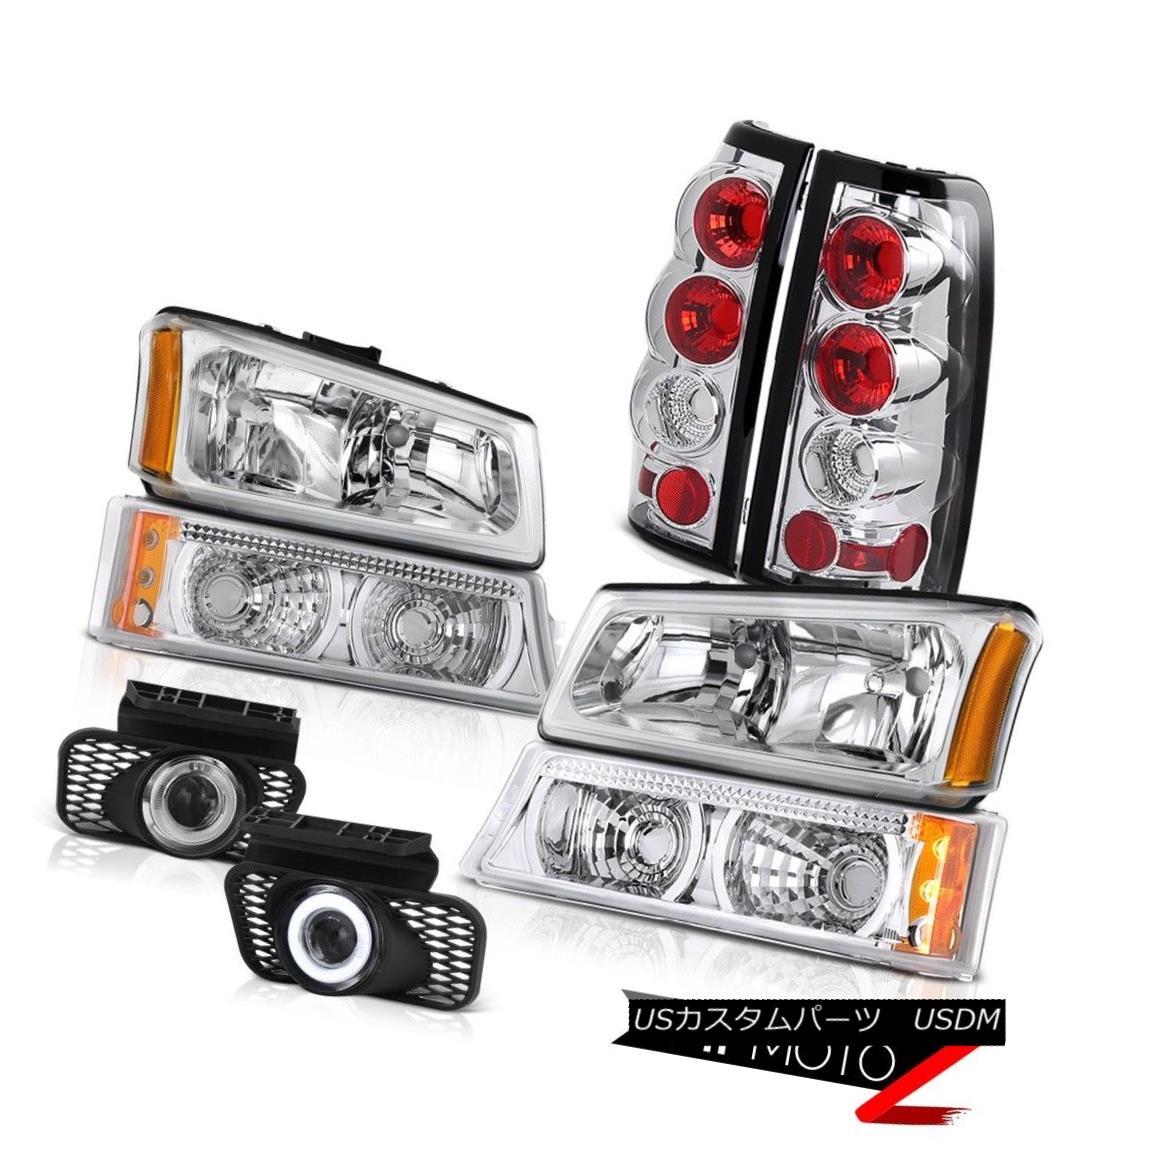 ヘッドライト Chrome Front Headlamps Signal Brake Tail Lights Projector Foglamp Silverado 2500 クロムフロントヘッドランプ信号ブレーキテールライトプロジェクターFoglamp Silverado 2500